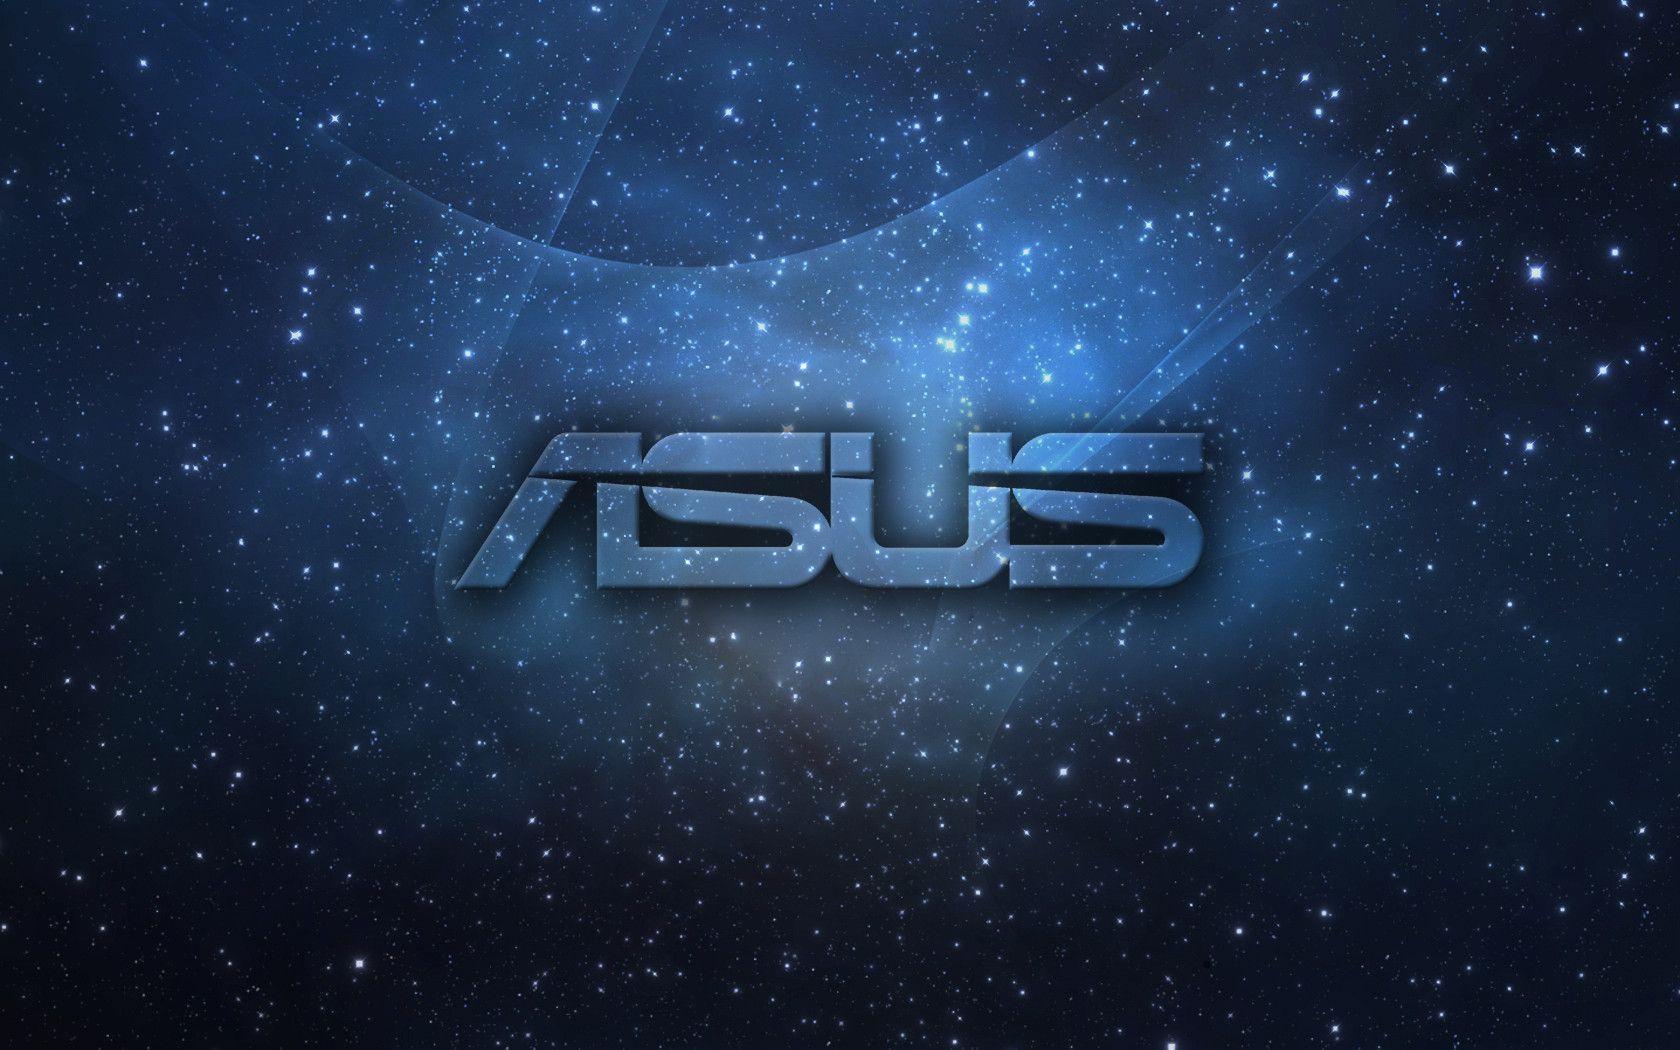 Asus Laptop Wallpaper: Asus Desktop Wallpapers